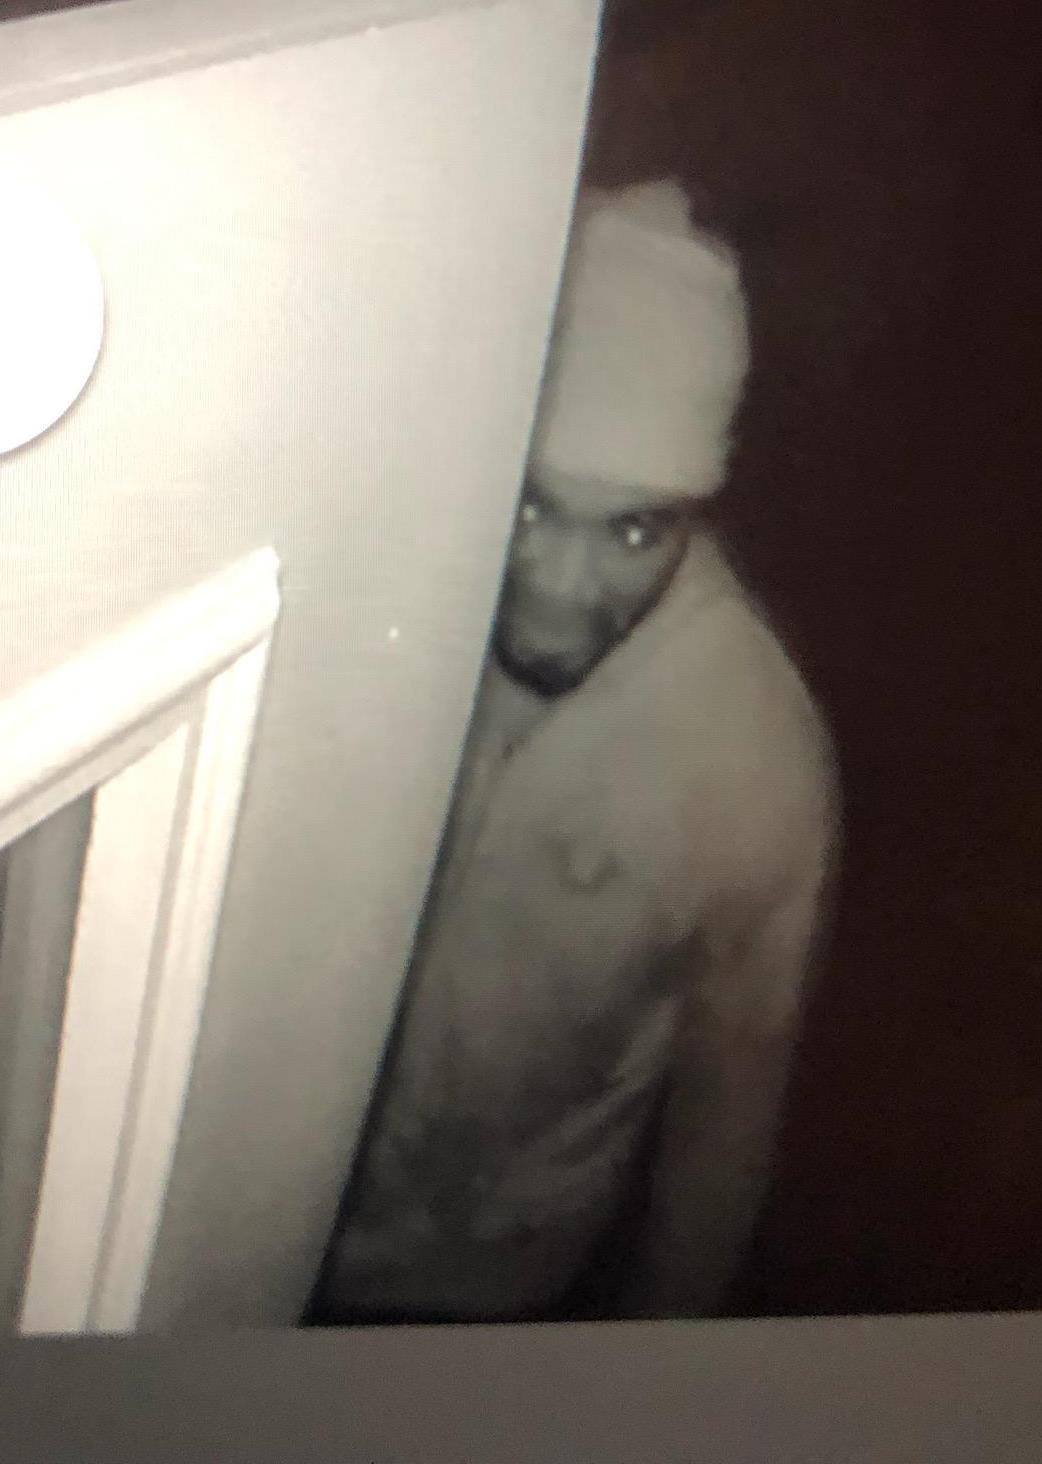 burglary suspect_1548253820845.jpg.jpg